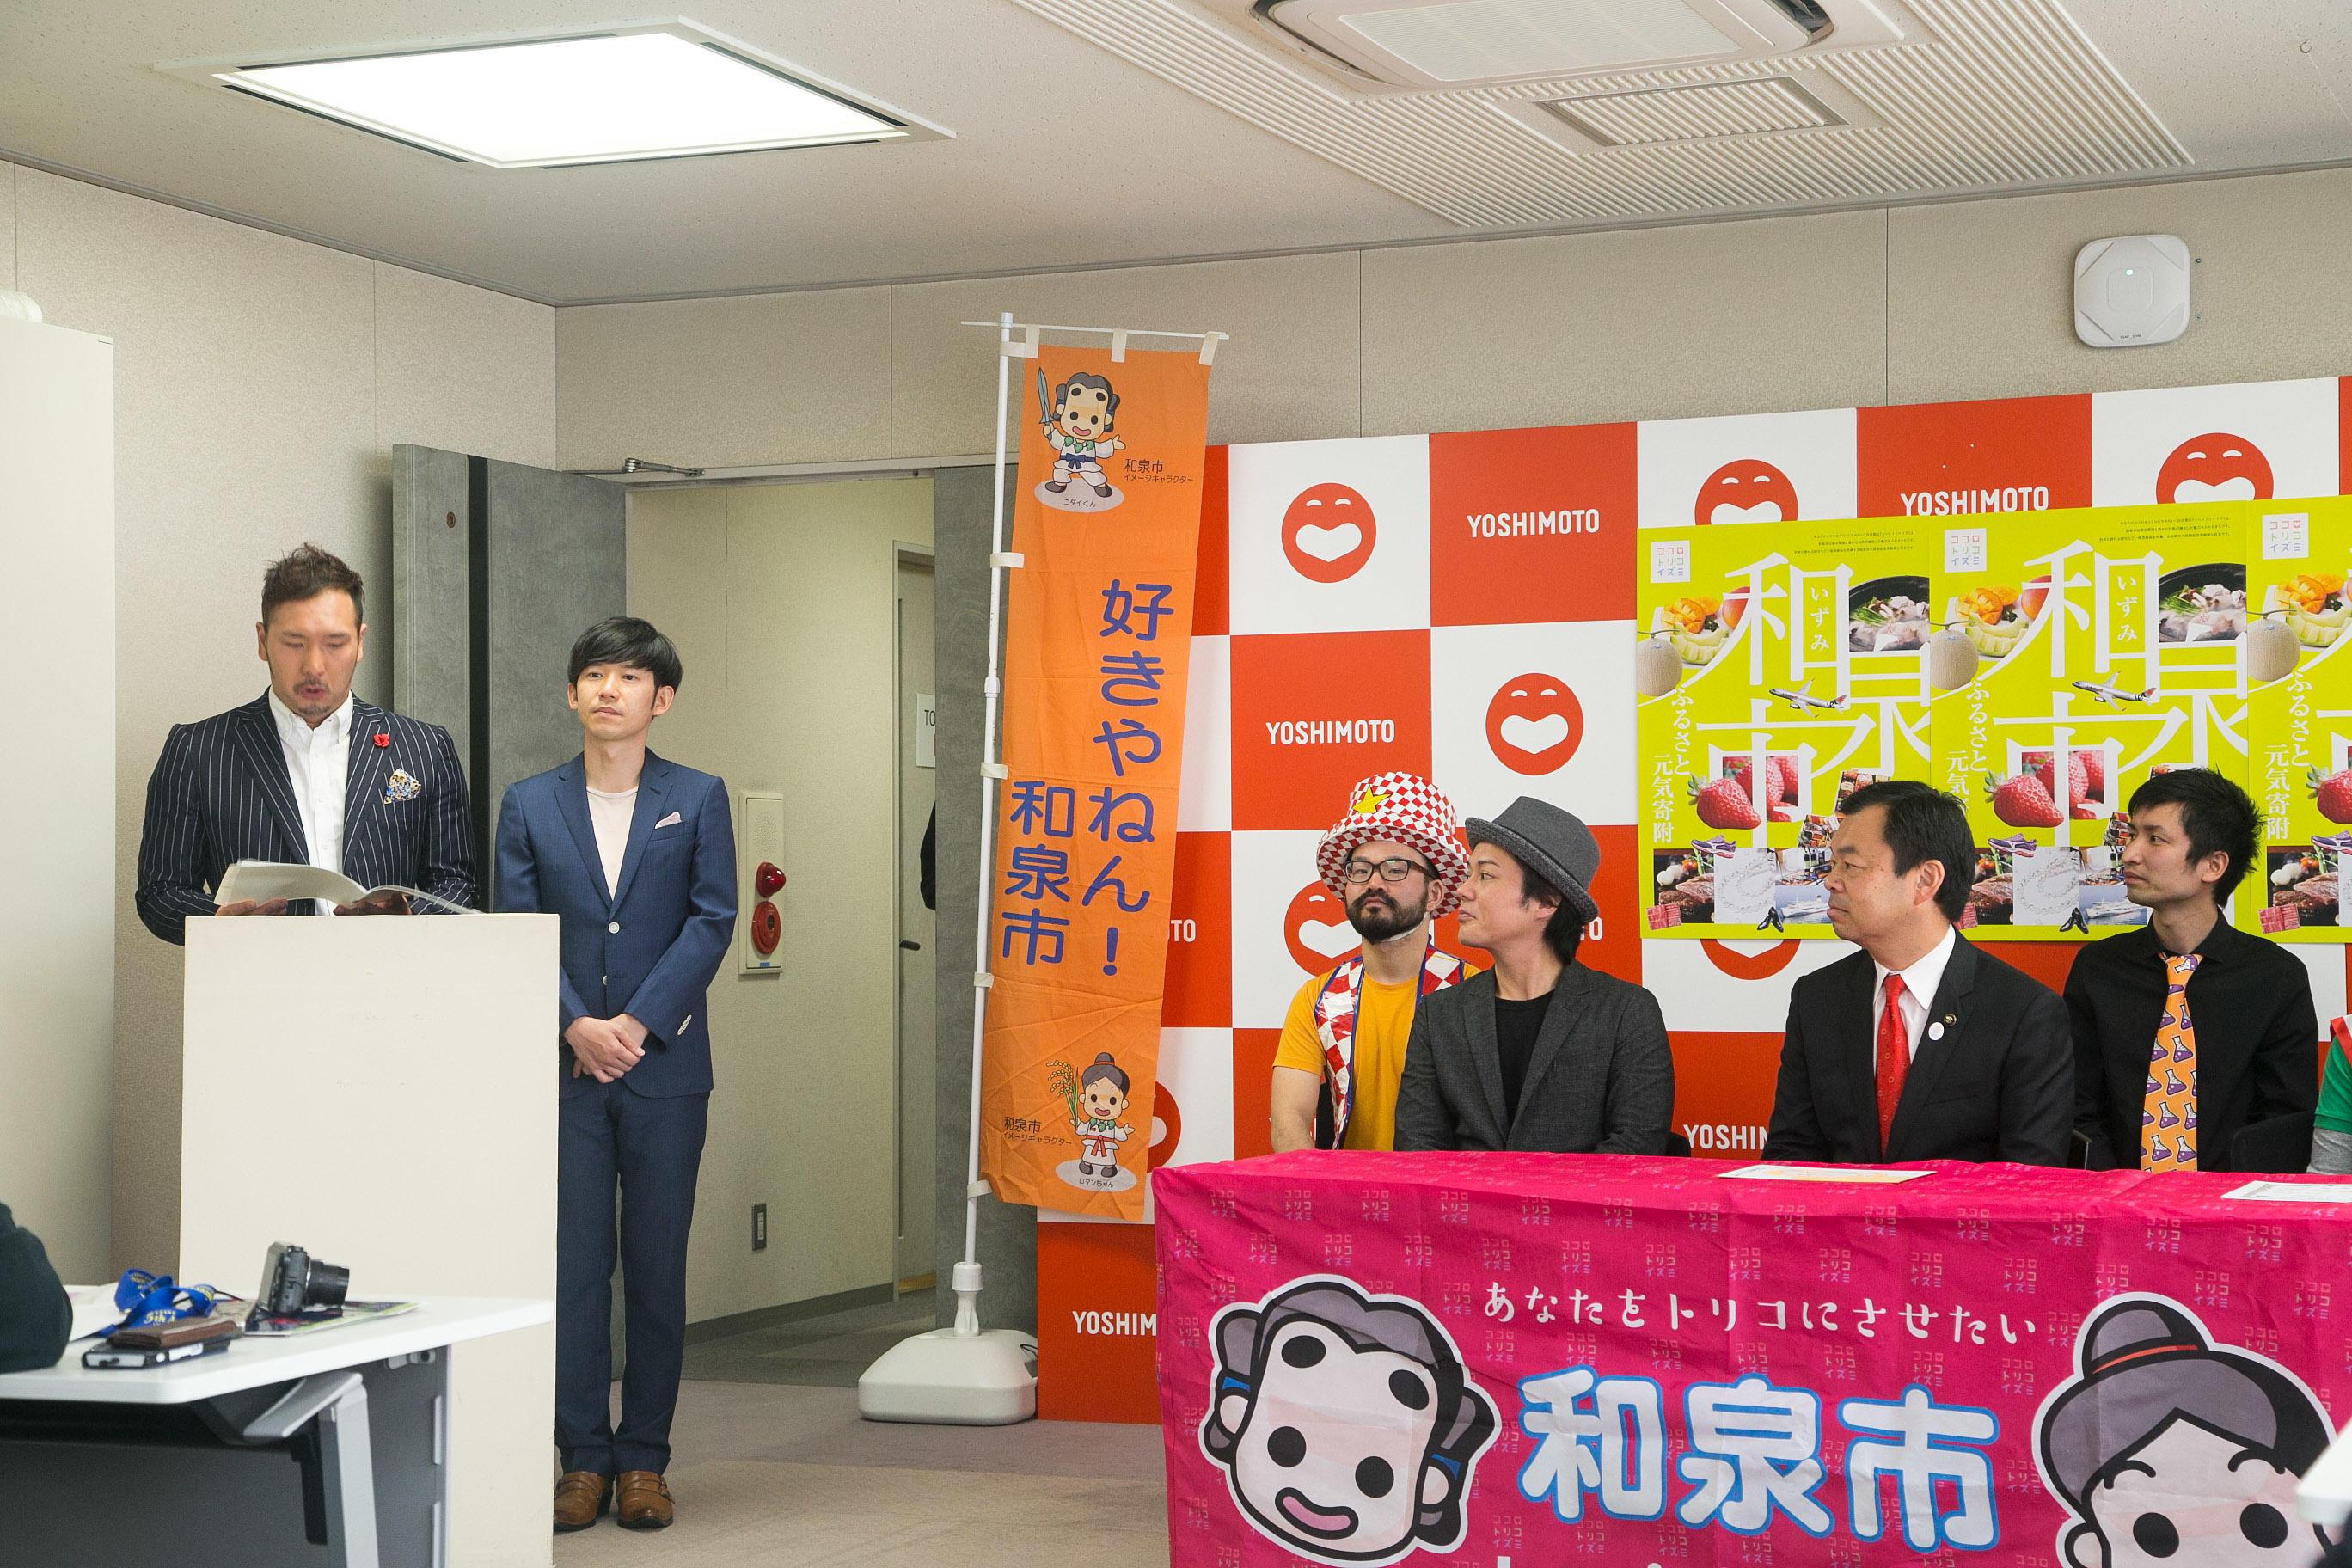 http://news.yoshimoto.co.jp/20180410141223-cb6ce2e75cd4bb3d02f9605b88de70a28edabaa1.jpg